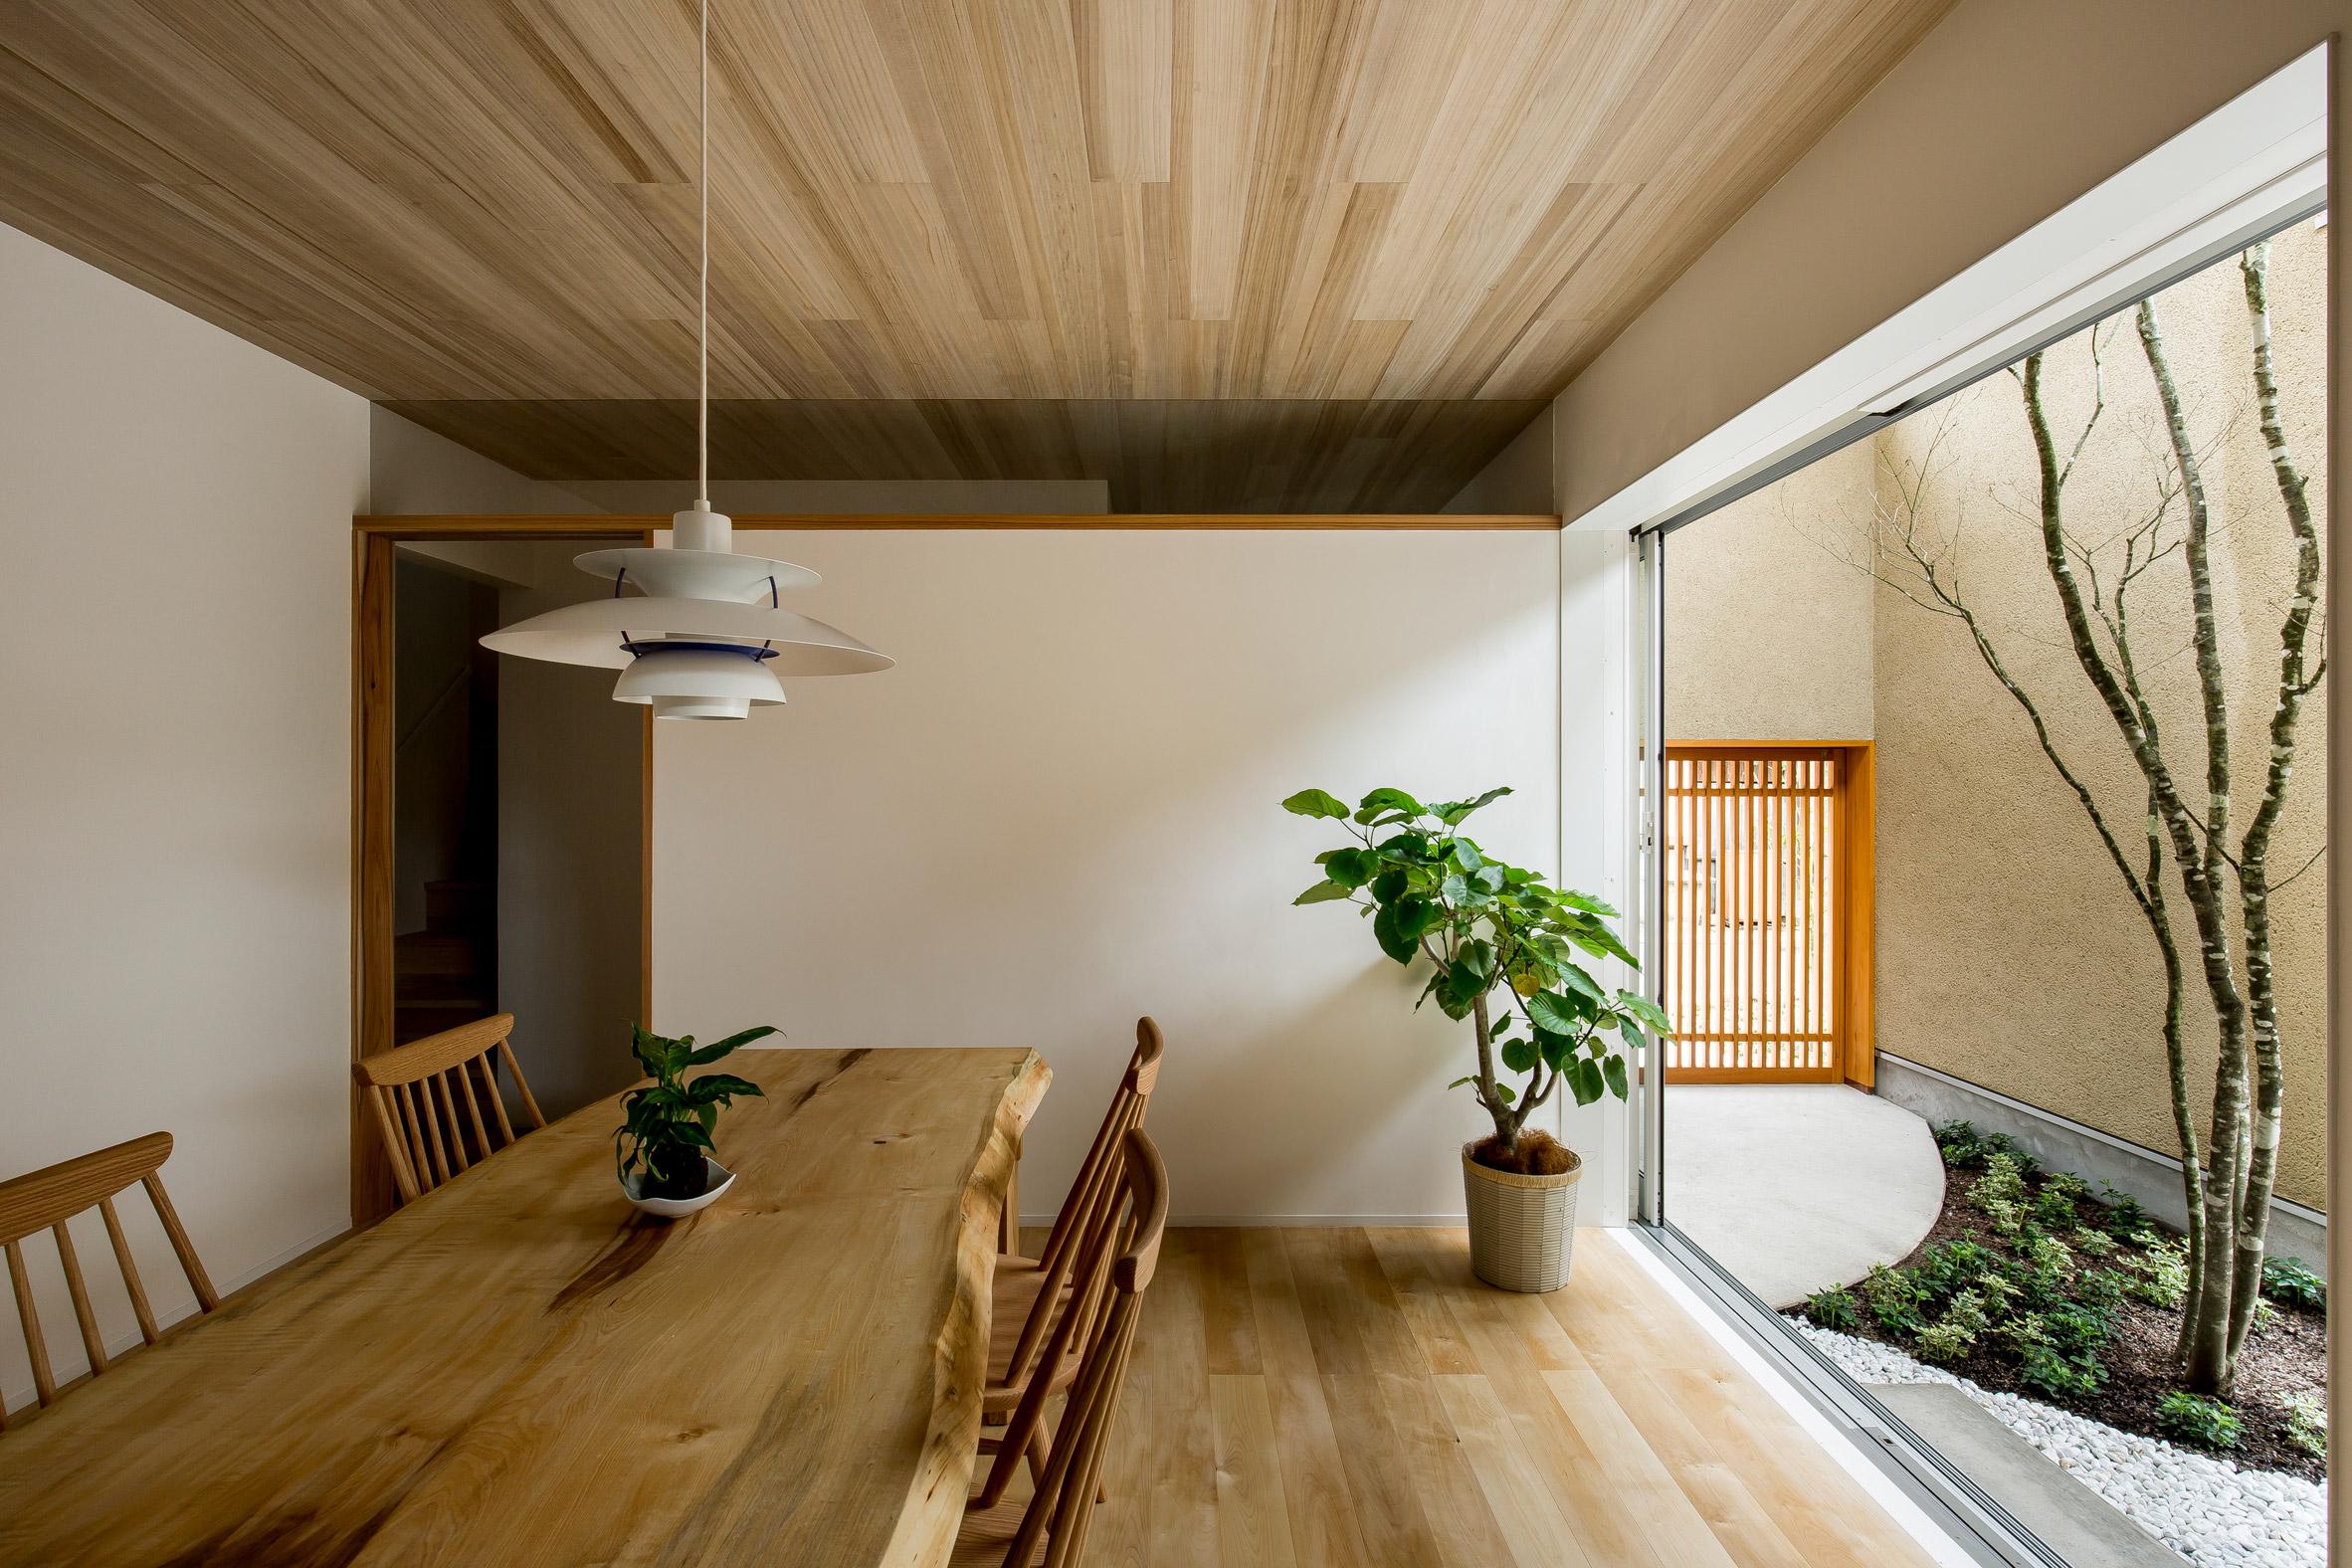 Ngôi nhà có khoảng sân vườn thiết kế nghệ thuật giúp từng góc nhỏ bên trong đều đẹp như tranh vẽ - Ảnh 2.